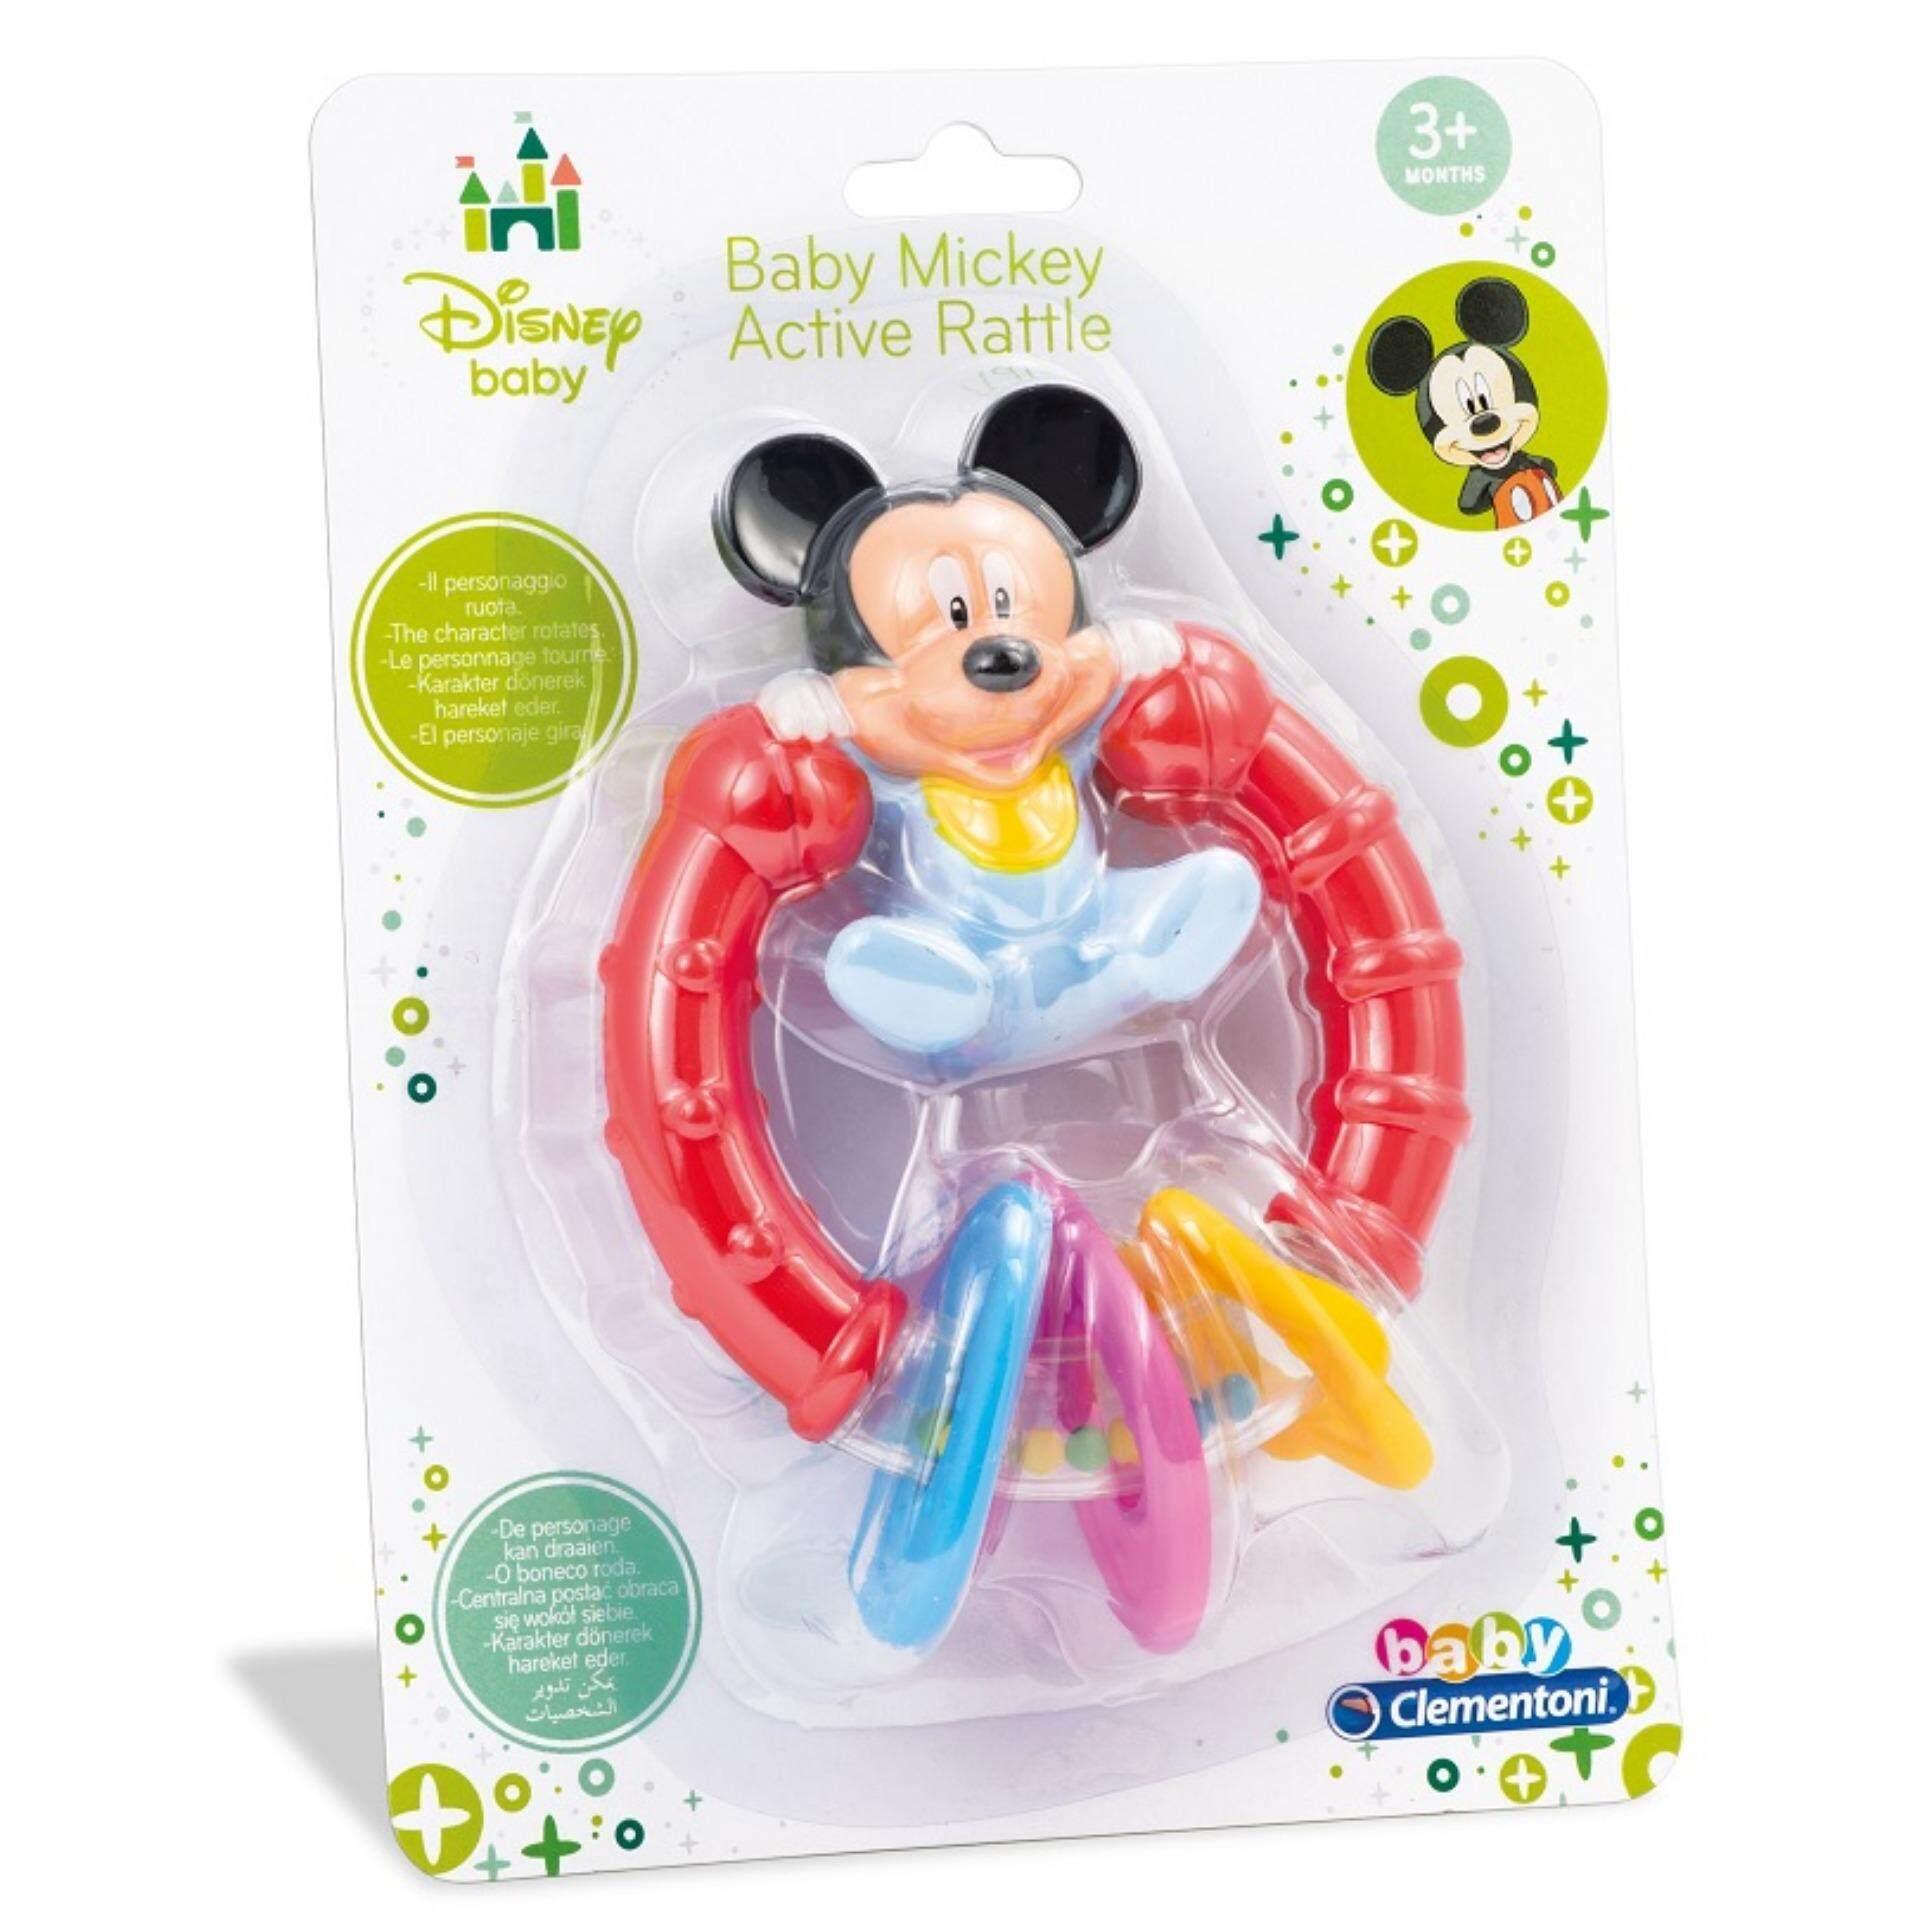 Disney Baby Safety Handbells Developmental Lovely Toys Rattle - Mickey baby toys